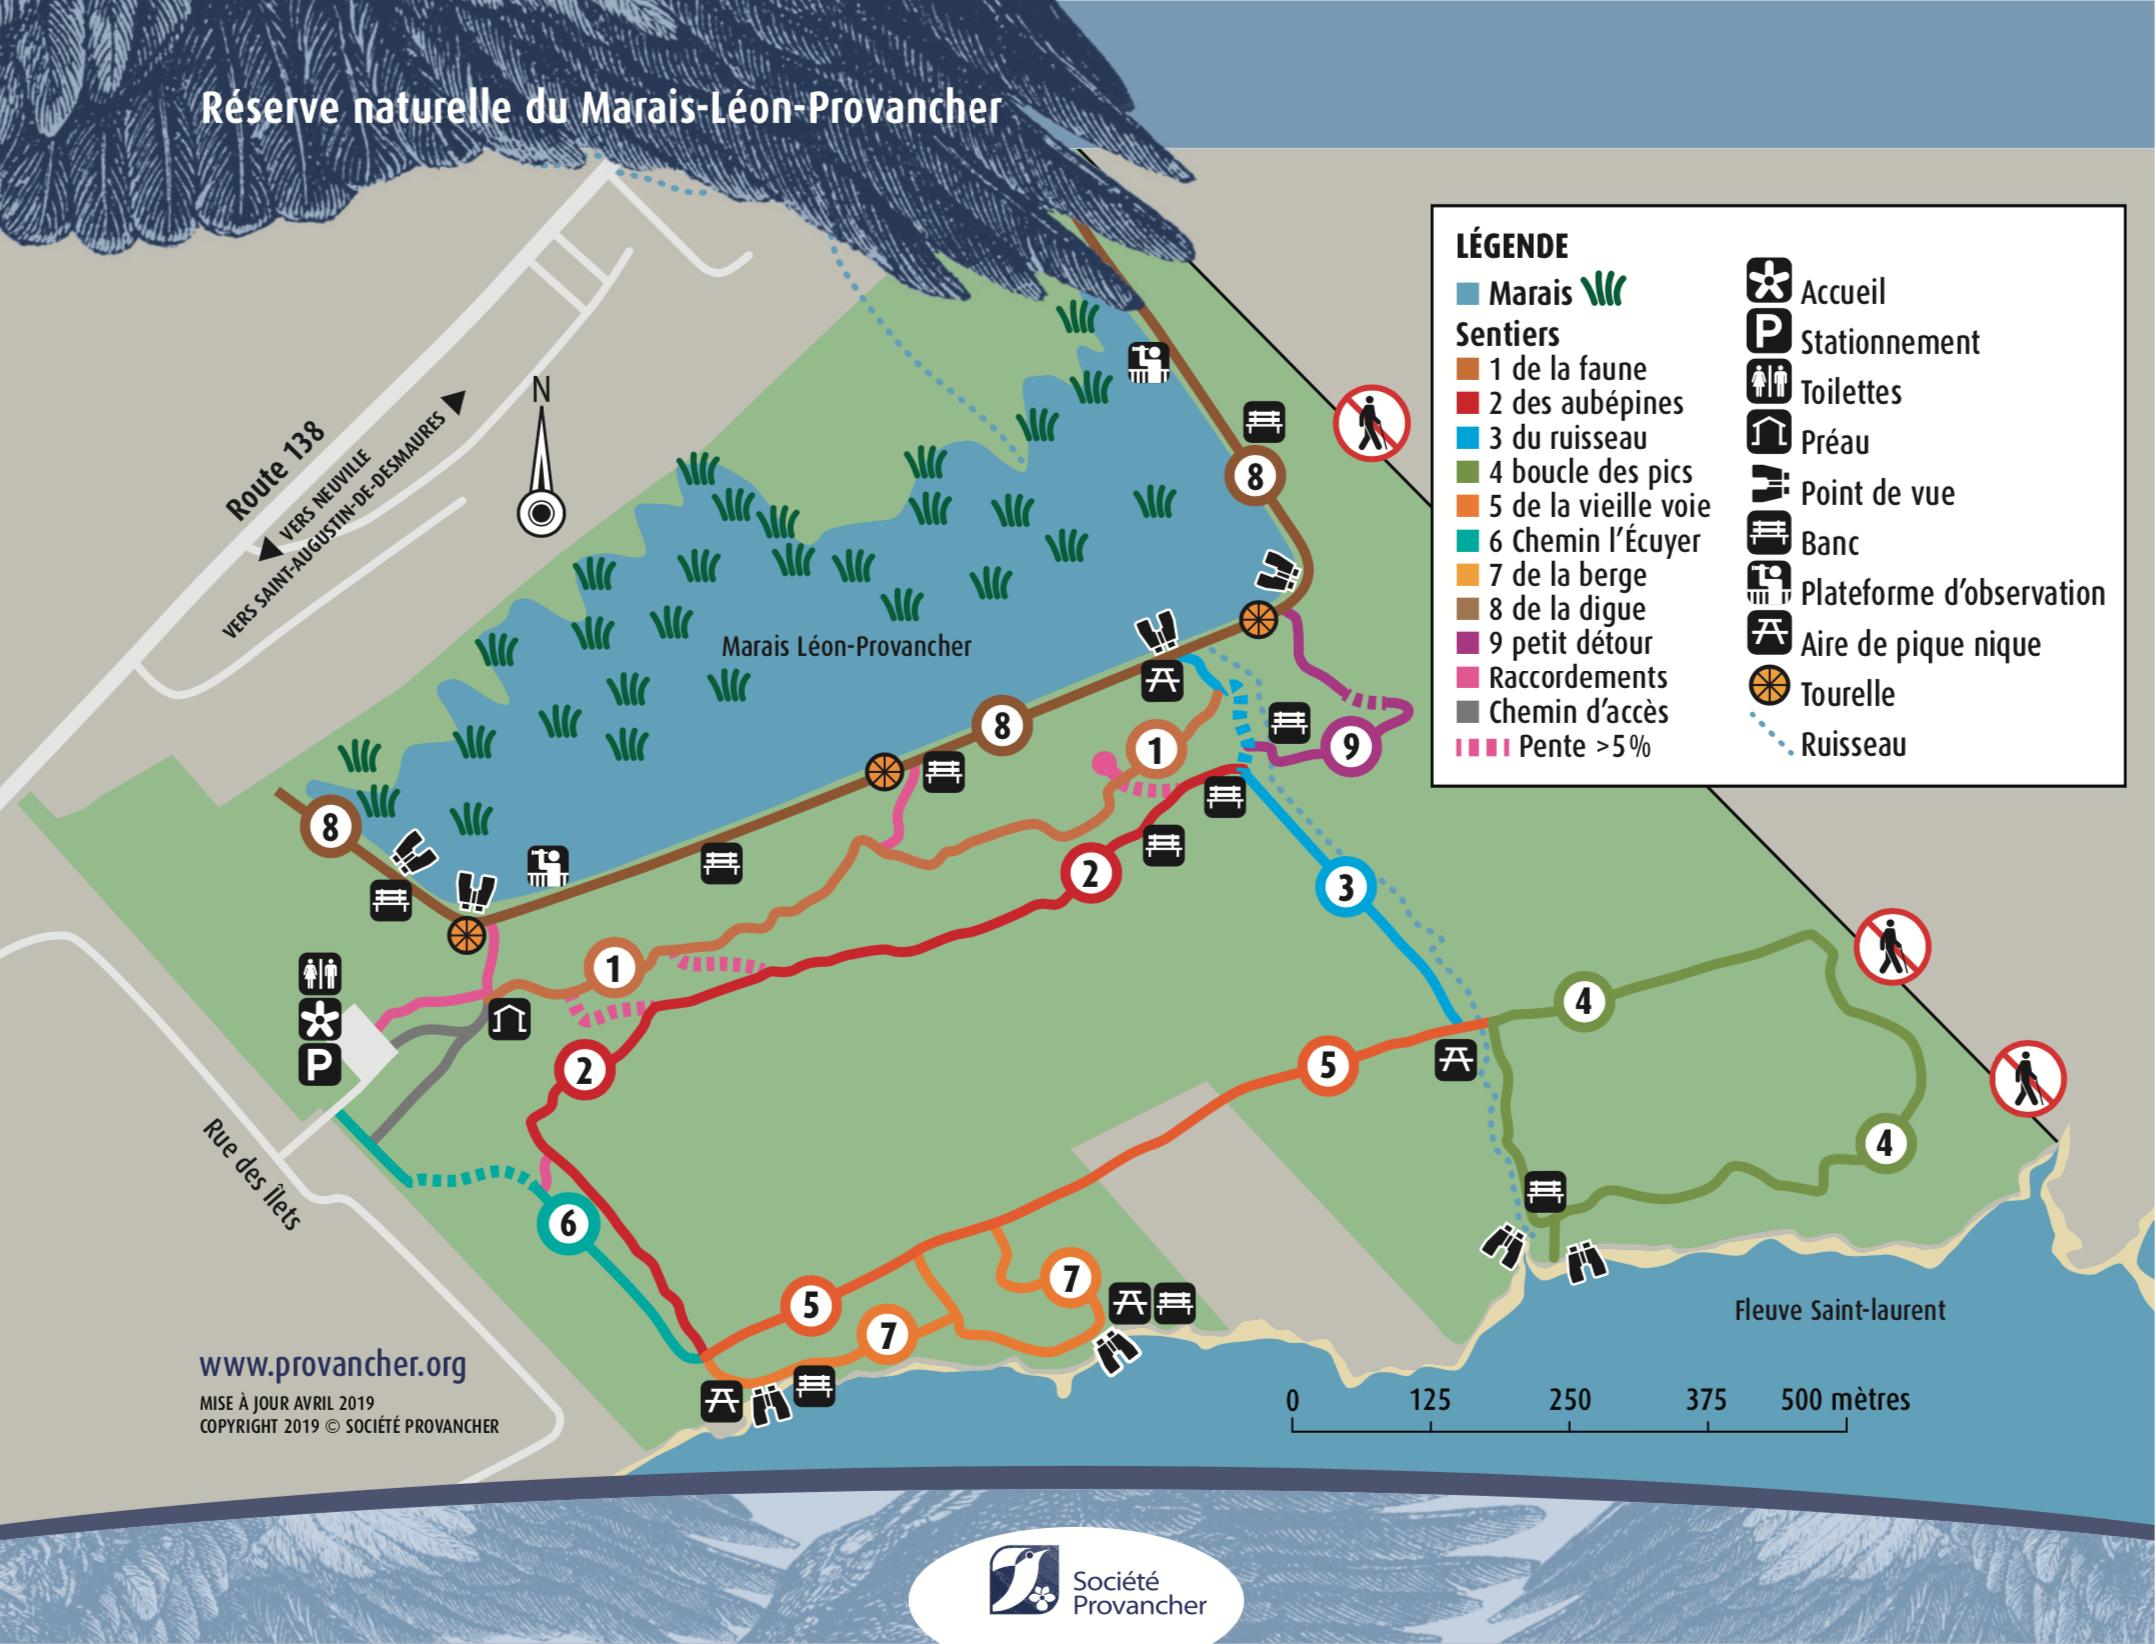 Carte des sentiers de la Réserve naturelle du Marais-Léon-Provancher